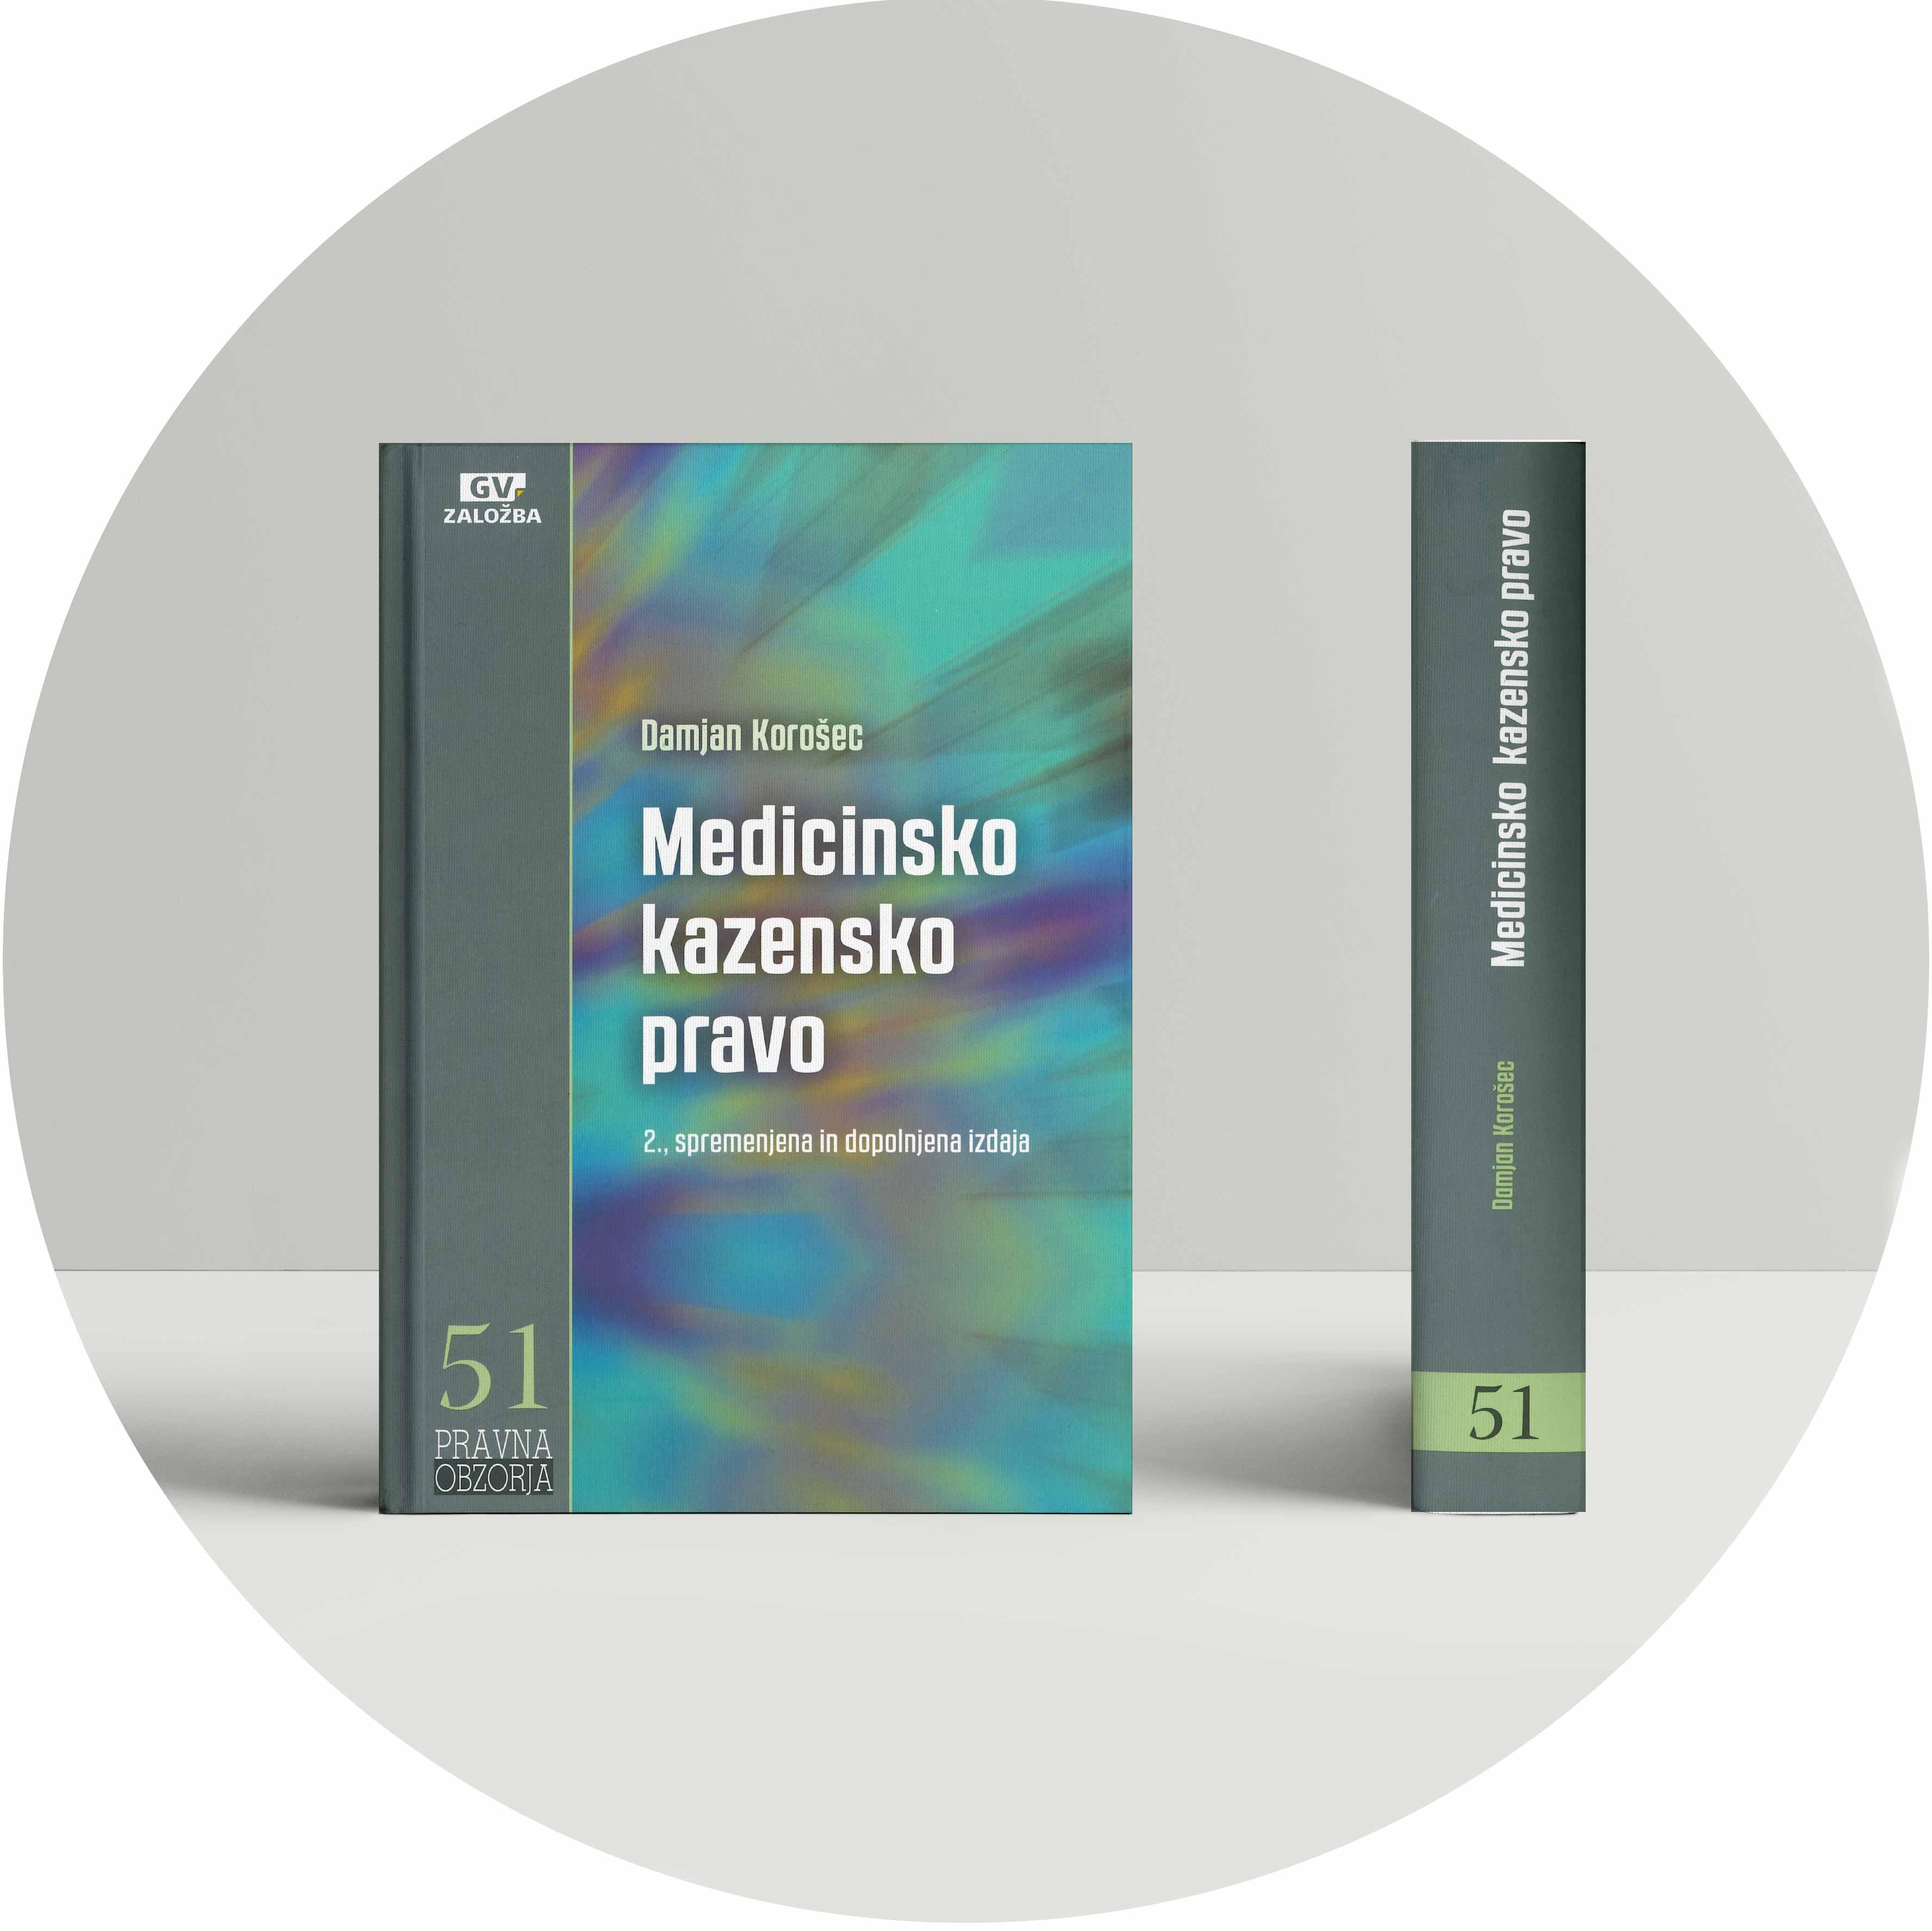 med-kaz-prav-2-sprem-in-dop-izd